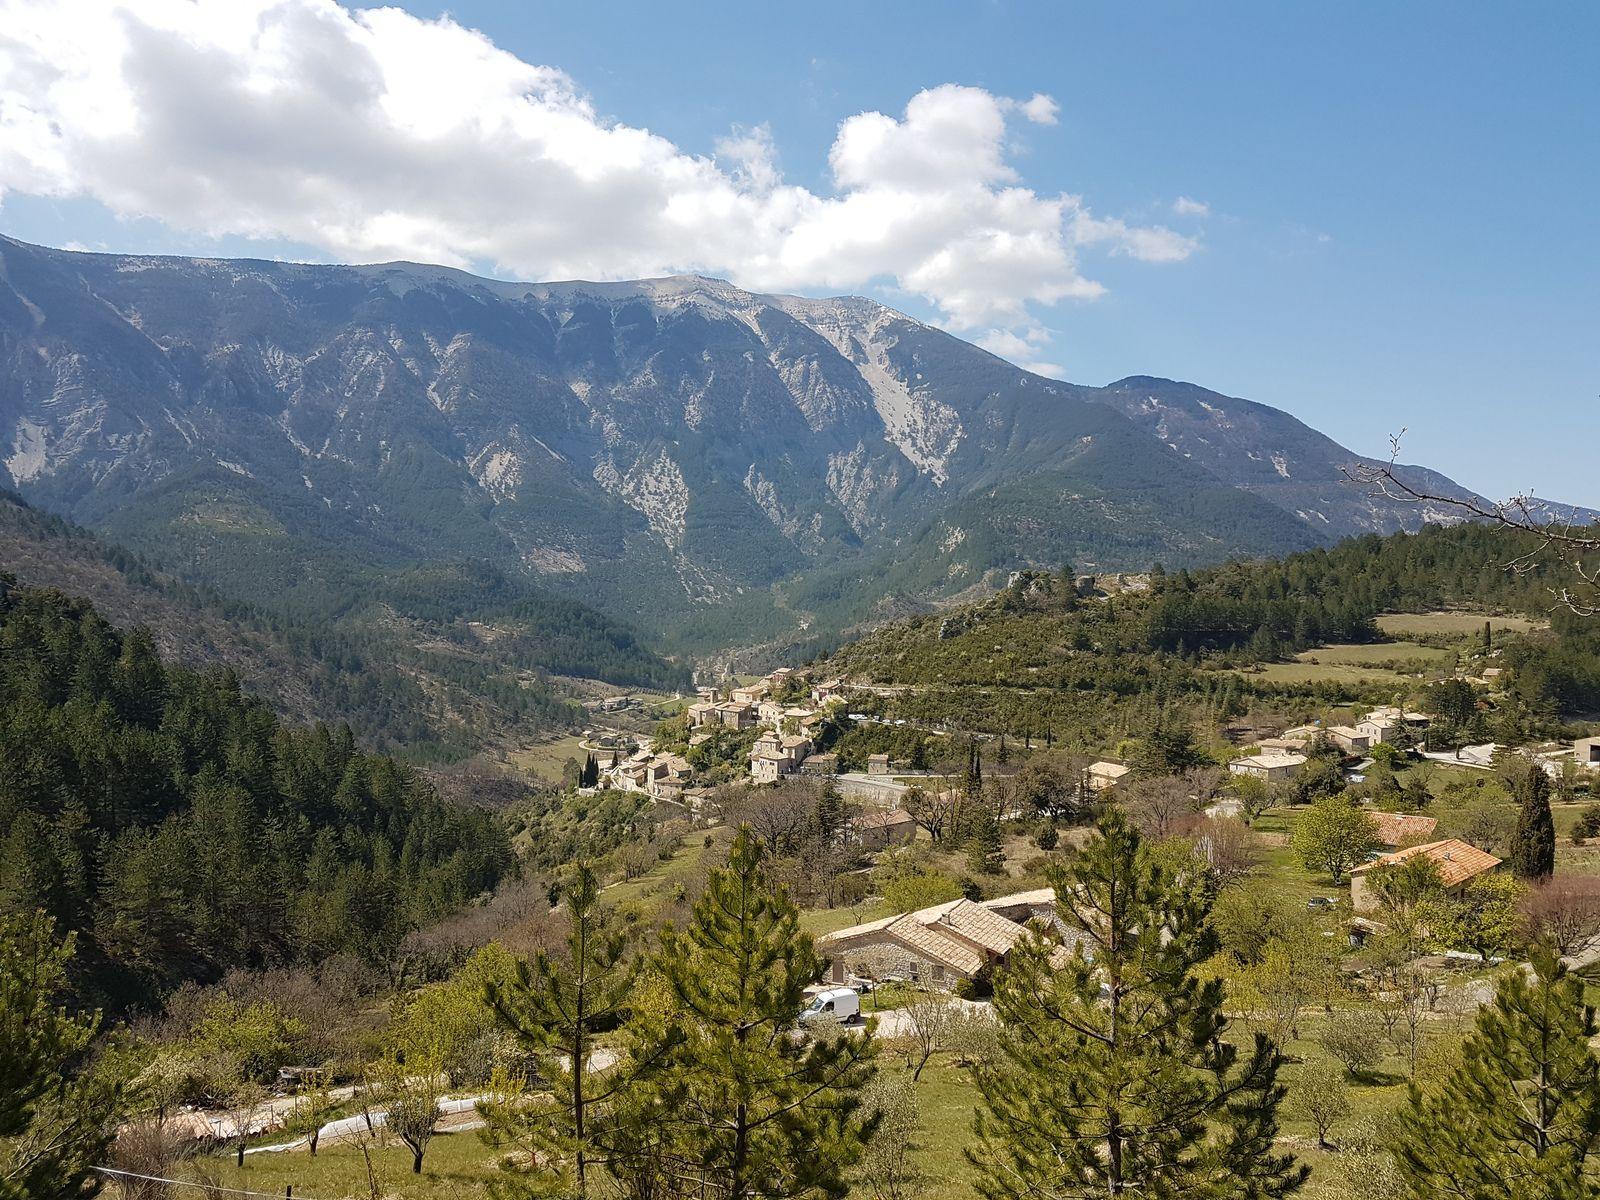 Brantes et en toile de fond (toile de maître) la face nord du géant de Provence.